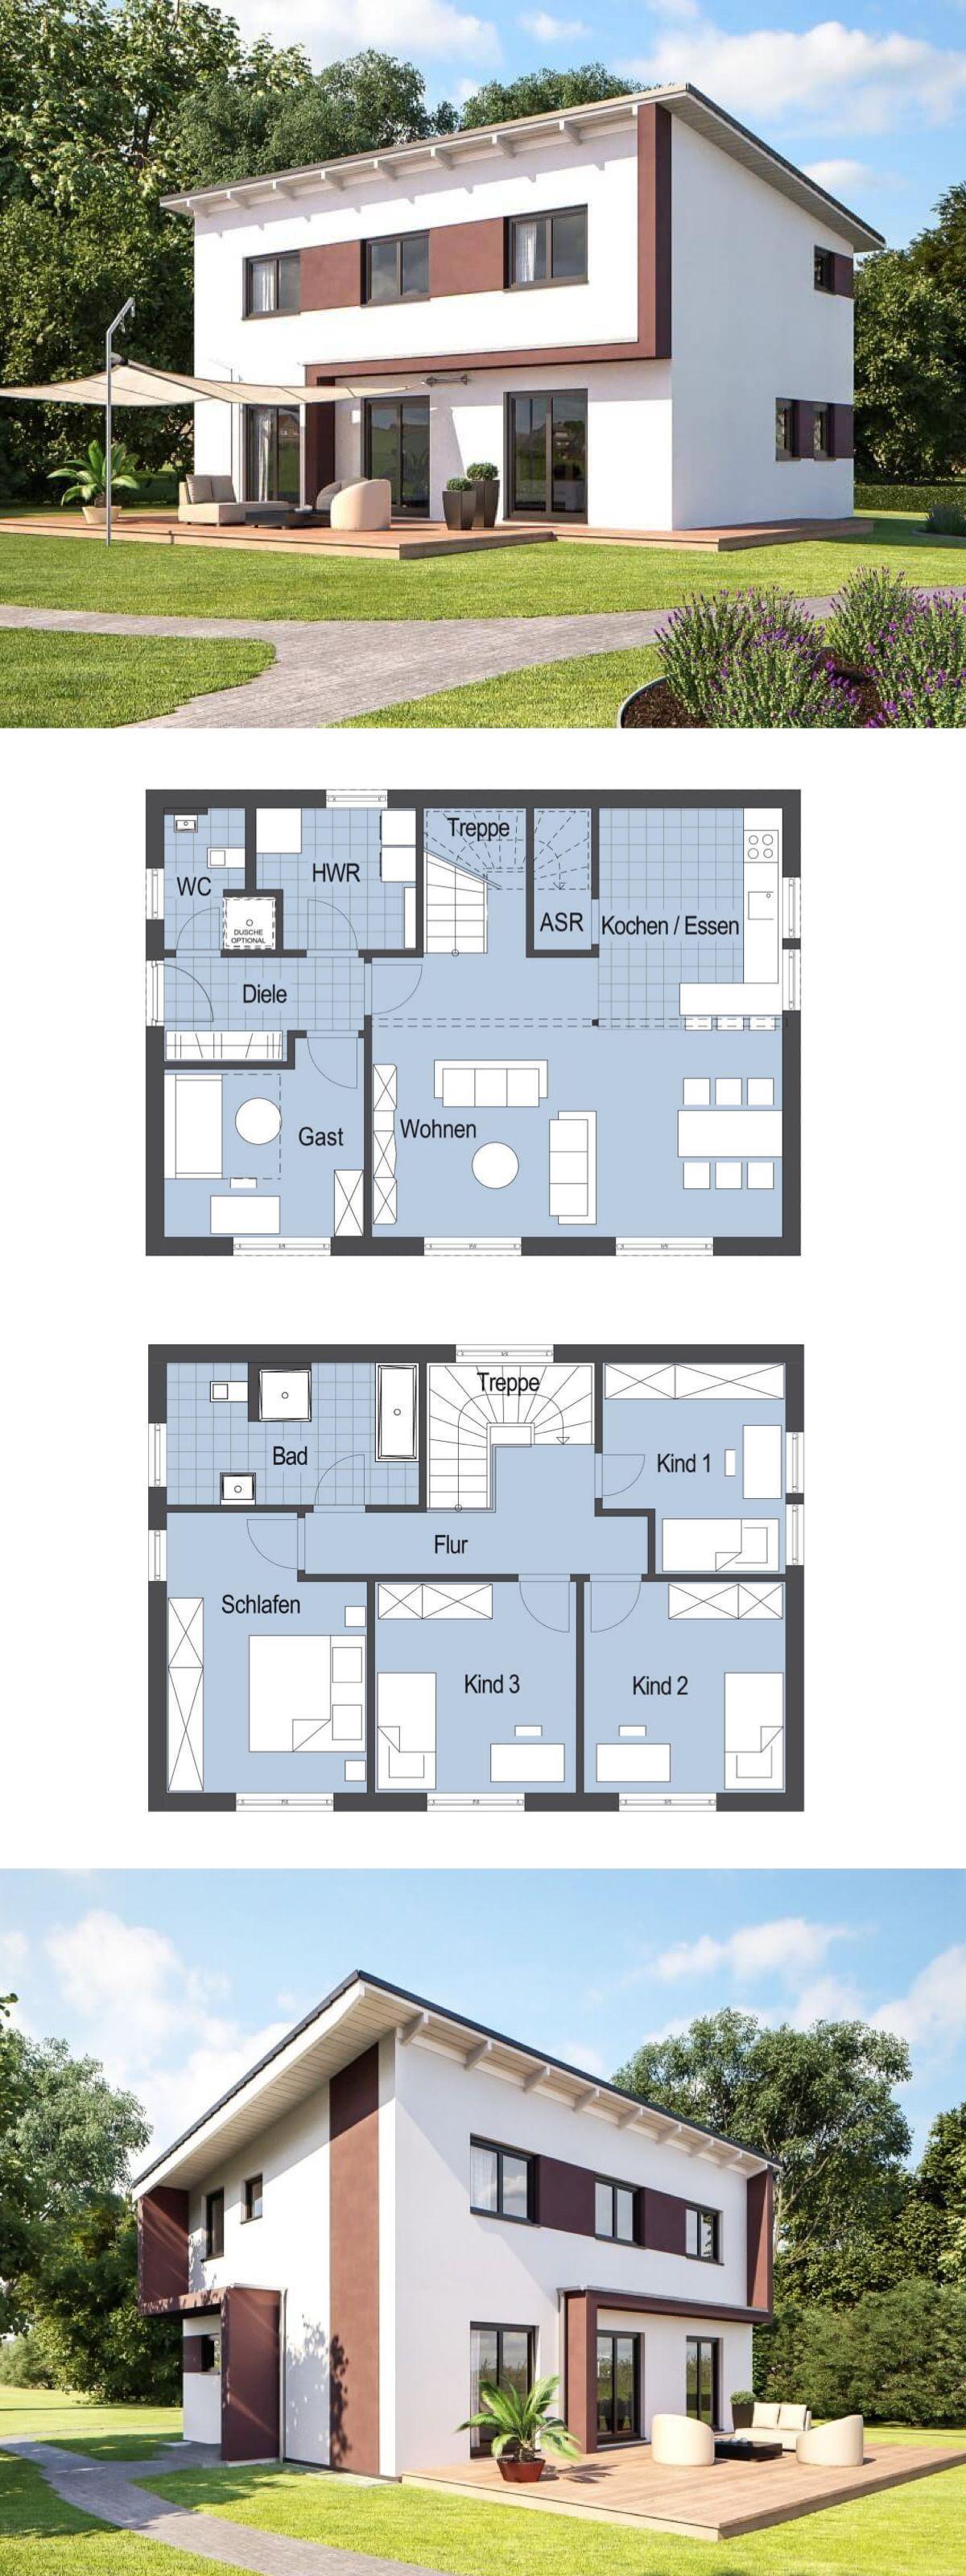 Modernes Haus mit Pultdach Architektur und Terrasse - Fertighaus ...